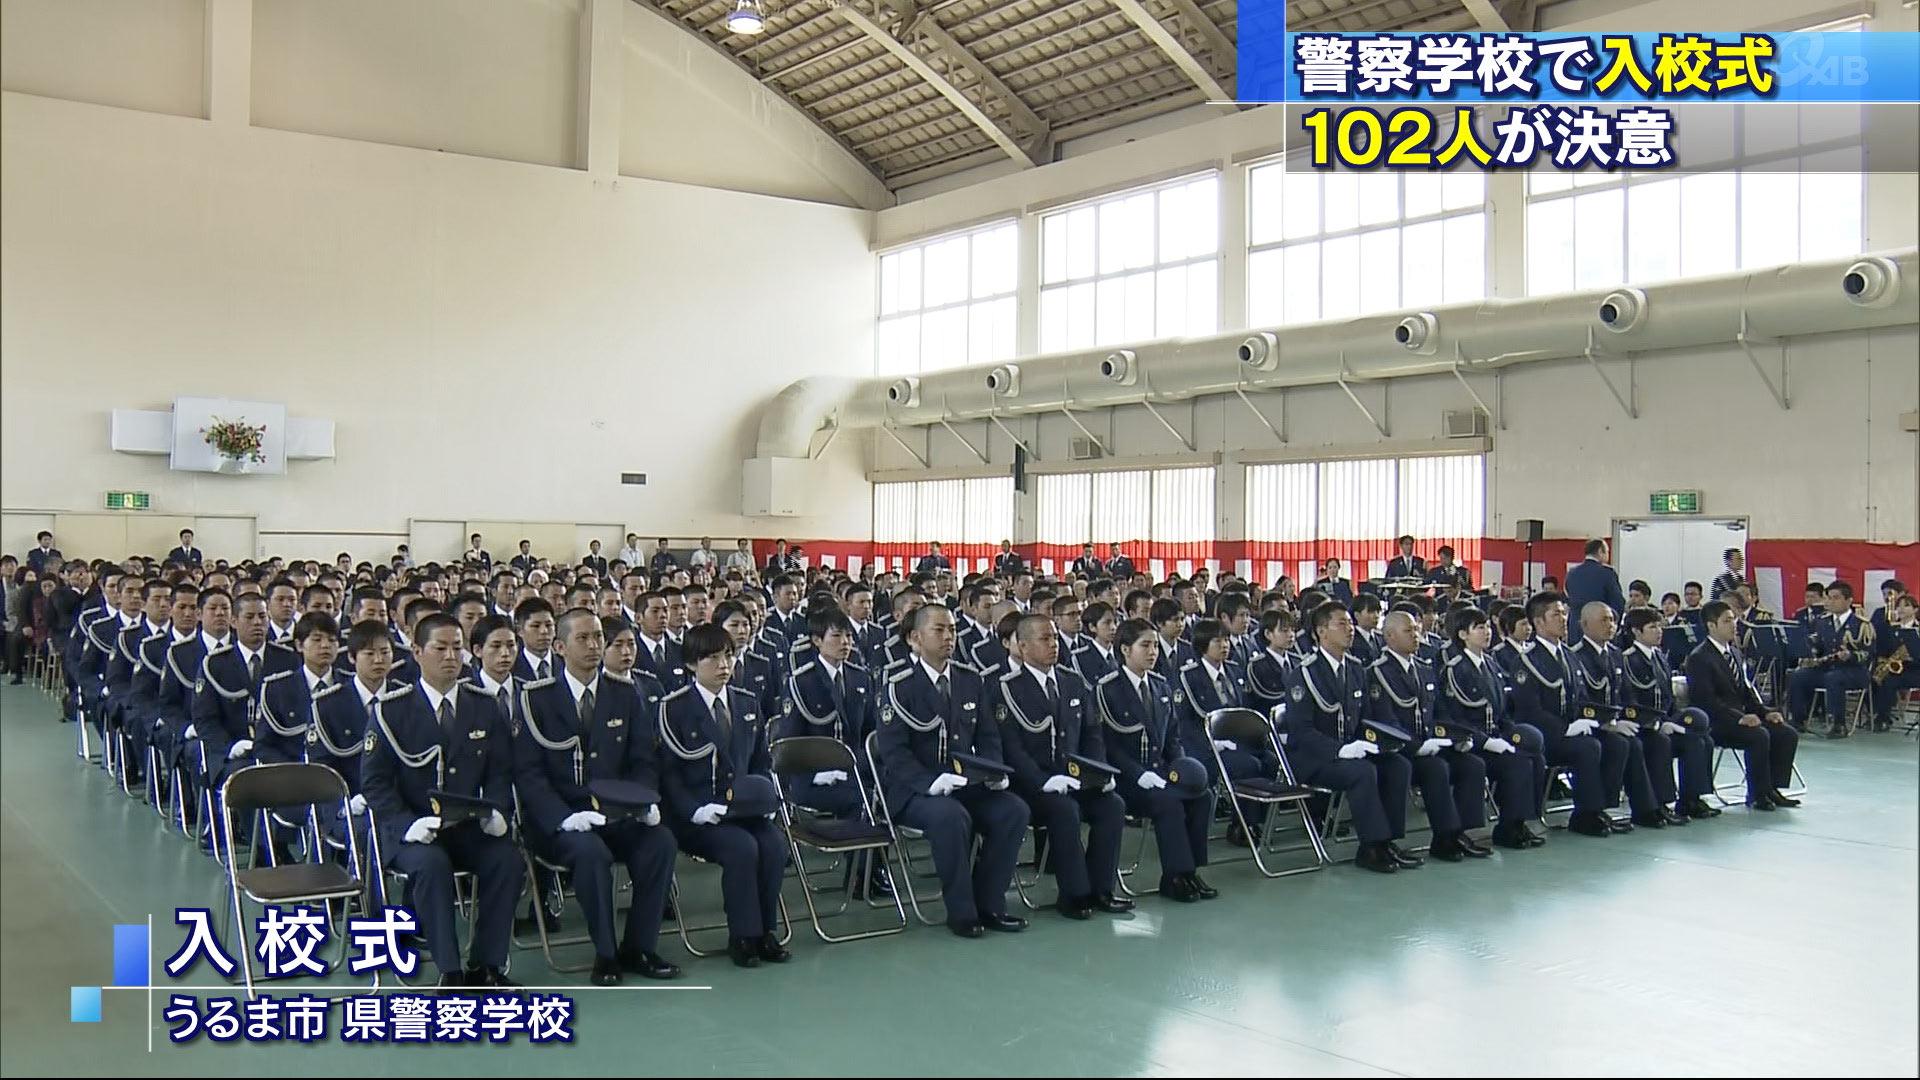 警察学校102人が入校式